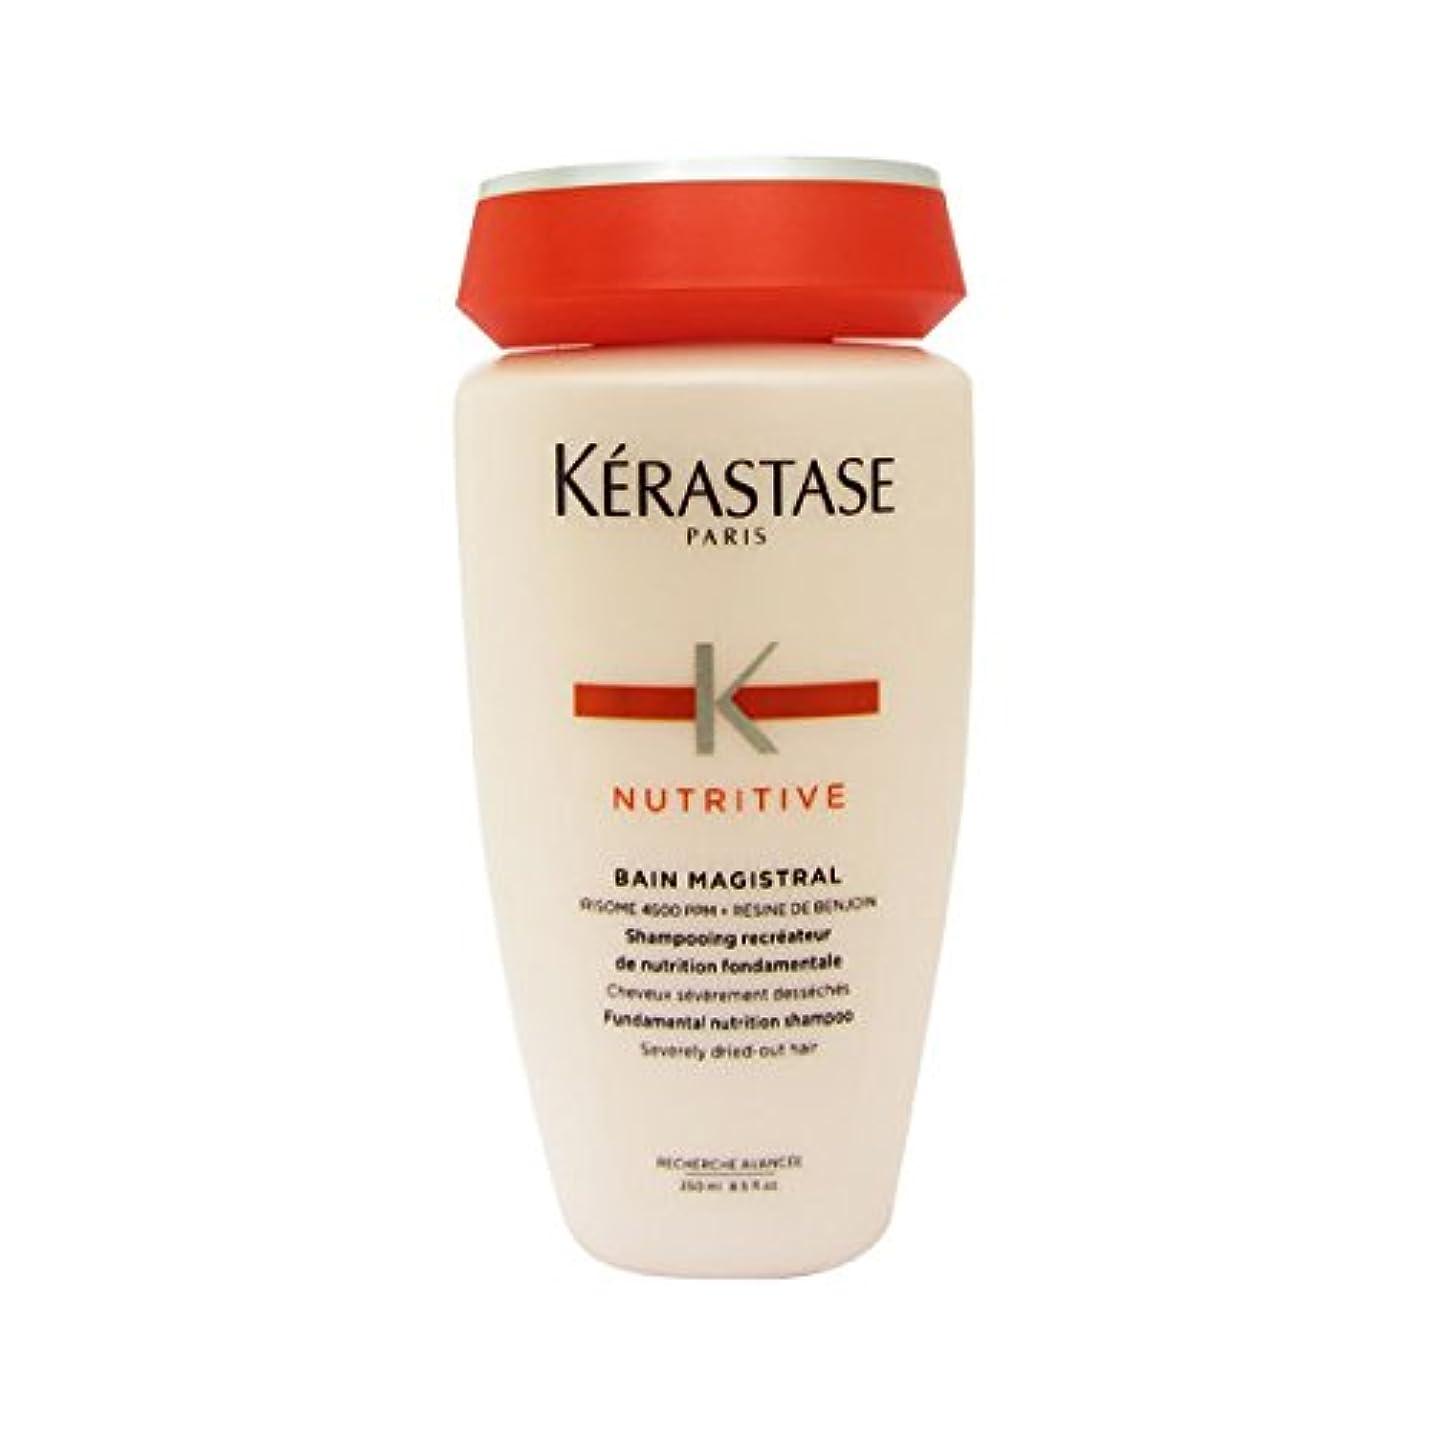 シマウマチップそうでなければK駻astase Nutritive Bain Magistral Shampoo 250ml [並行輸入品]